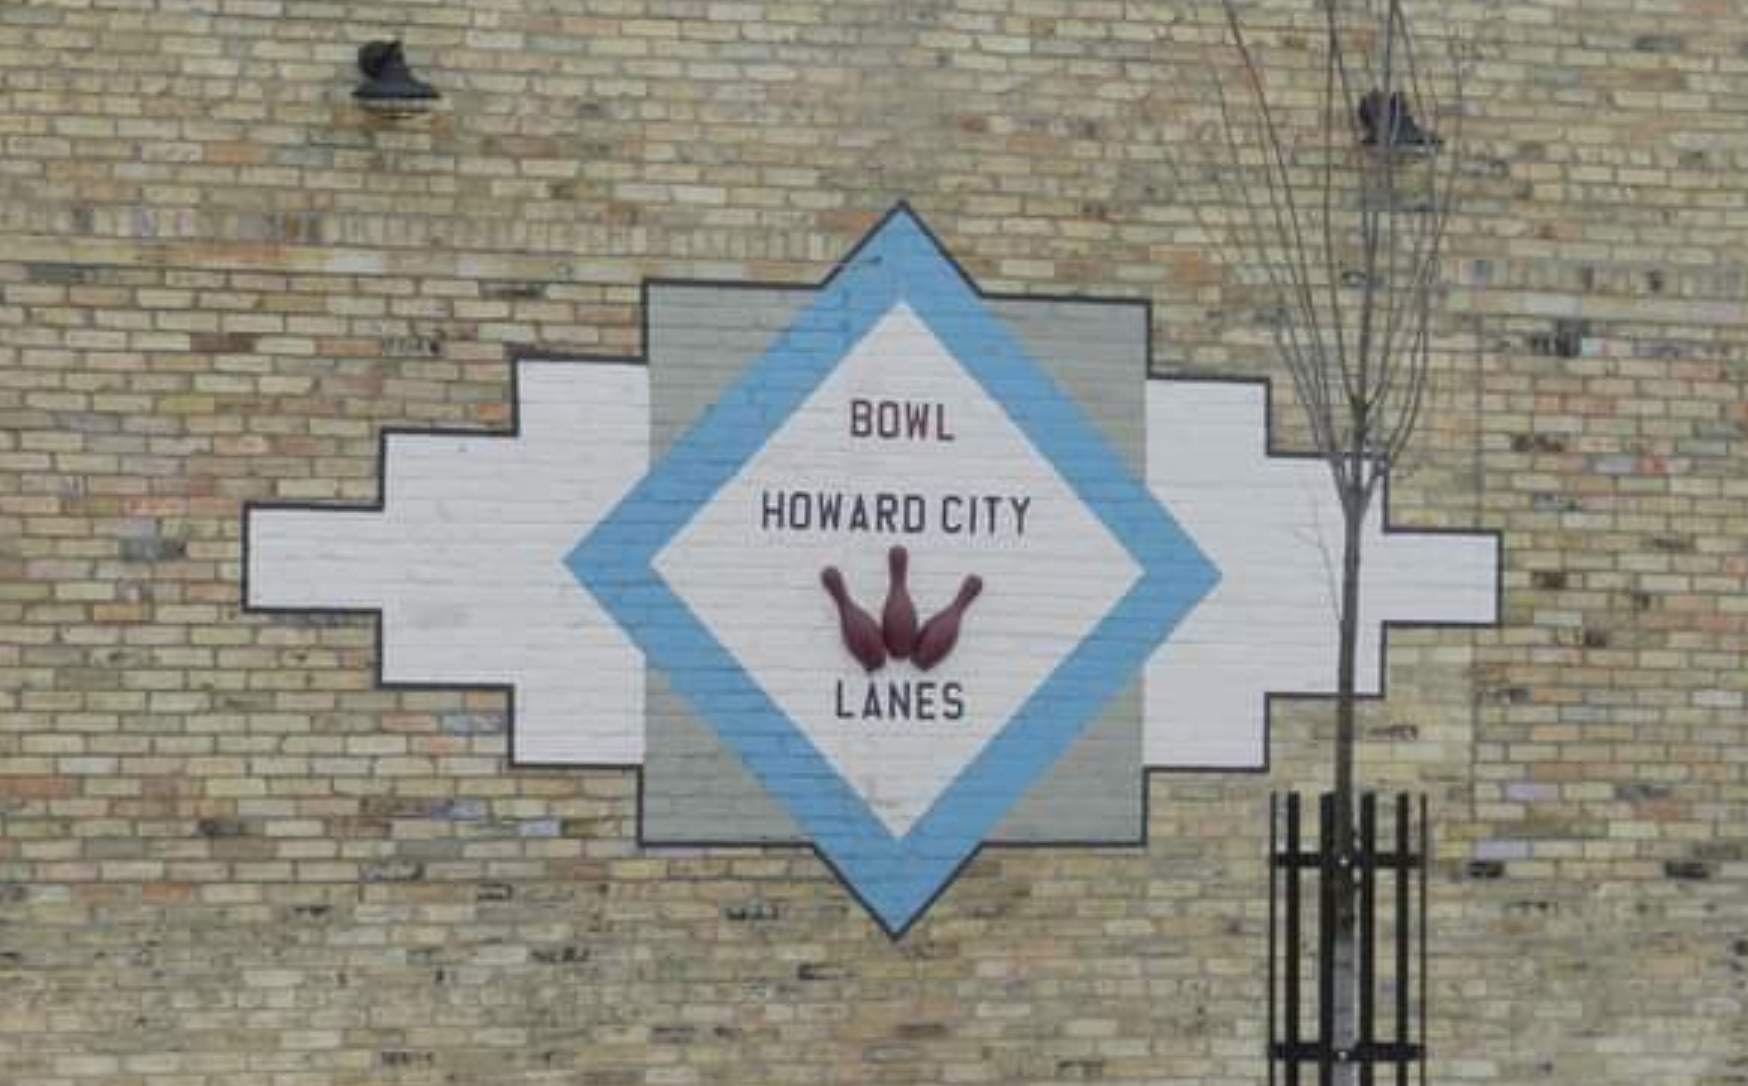 Howard City Lanes